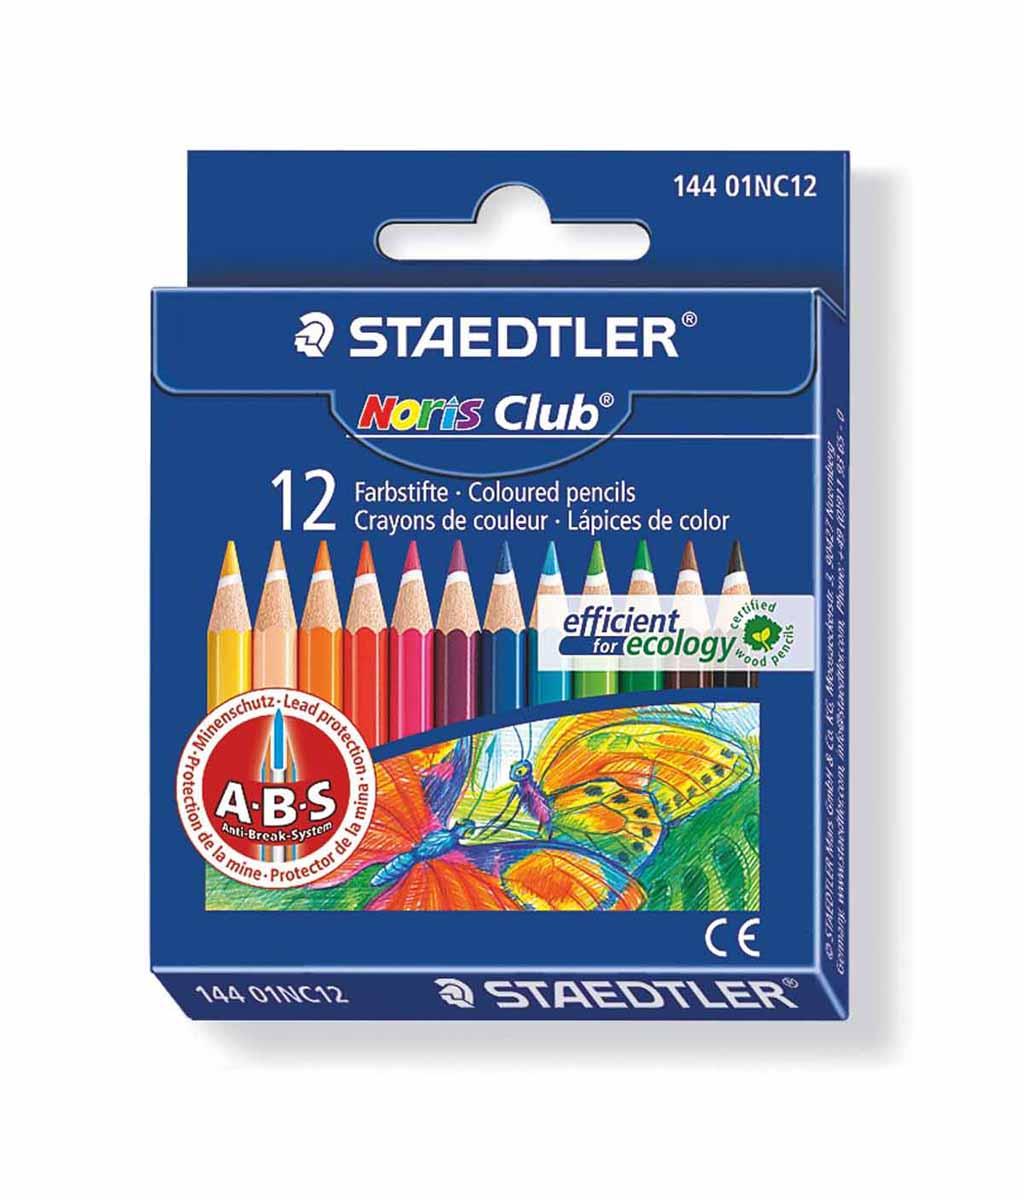 Staedtler Набор цветных карандашей Noris Club 144 12 цветов14401NC1210Цветные карандаши Staedtler Noris Club обладают классической шестиугольной формой. Разработанные специально для детей они имеют мягкий грифель и насыщенные цвета, а белое защитное покрытие грифеля (А·B·S) делает его более устойчивым к повреждению. С цветными карандашами Noris Club ваши дети будут создавать яркие и запоминающиеся рисунки. Длина карандашей - 88 мм.